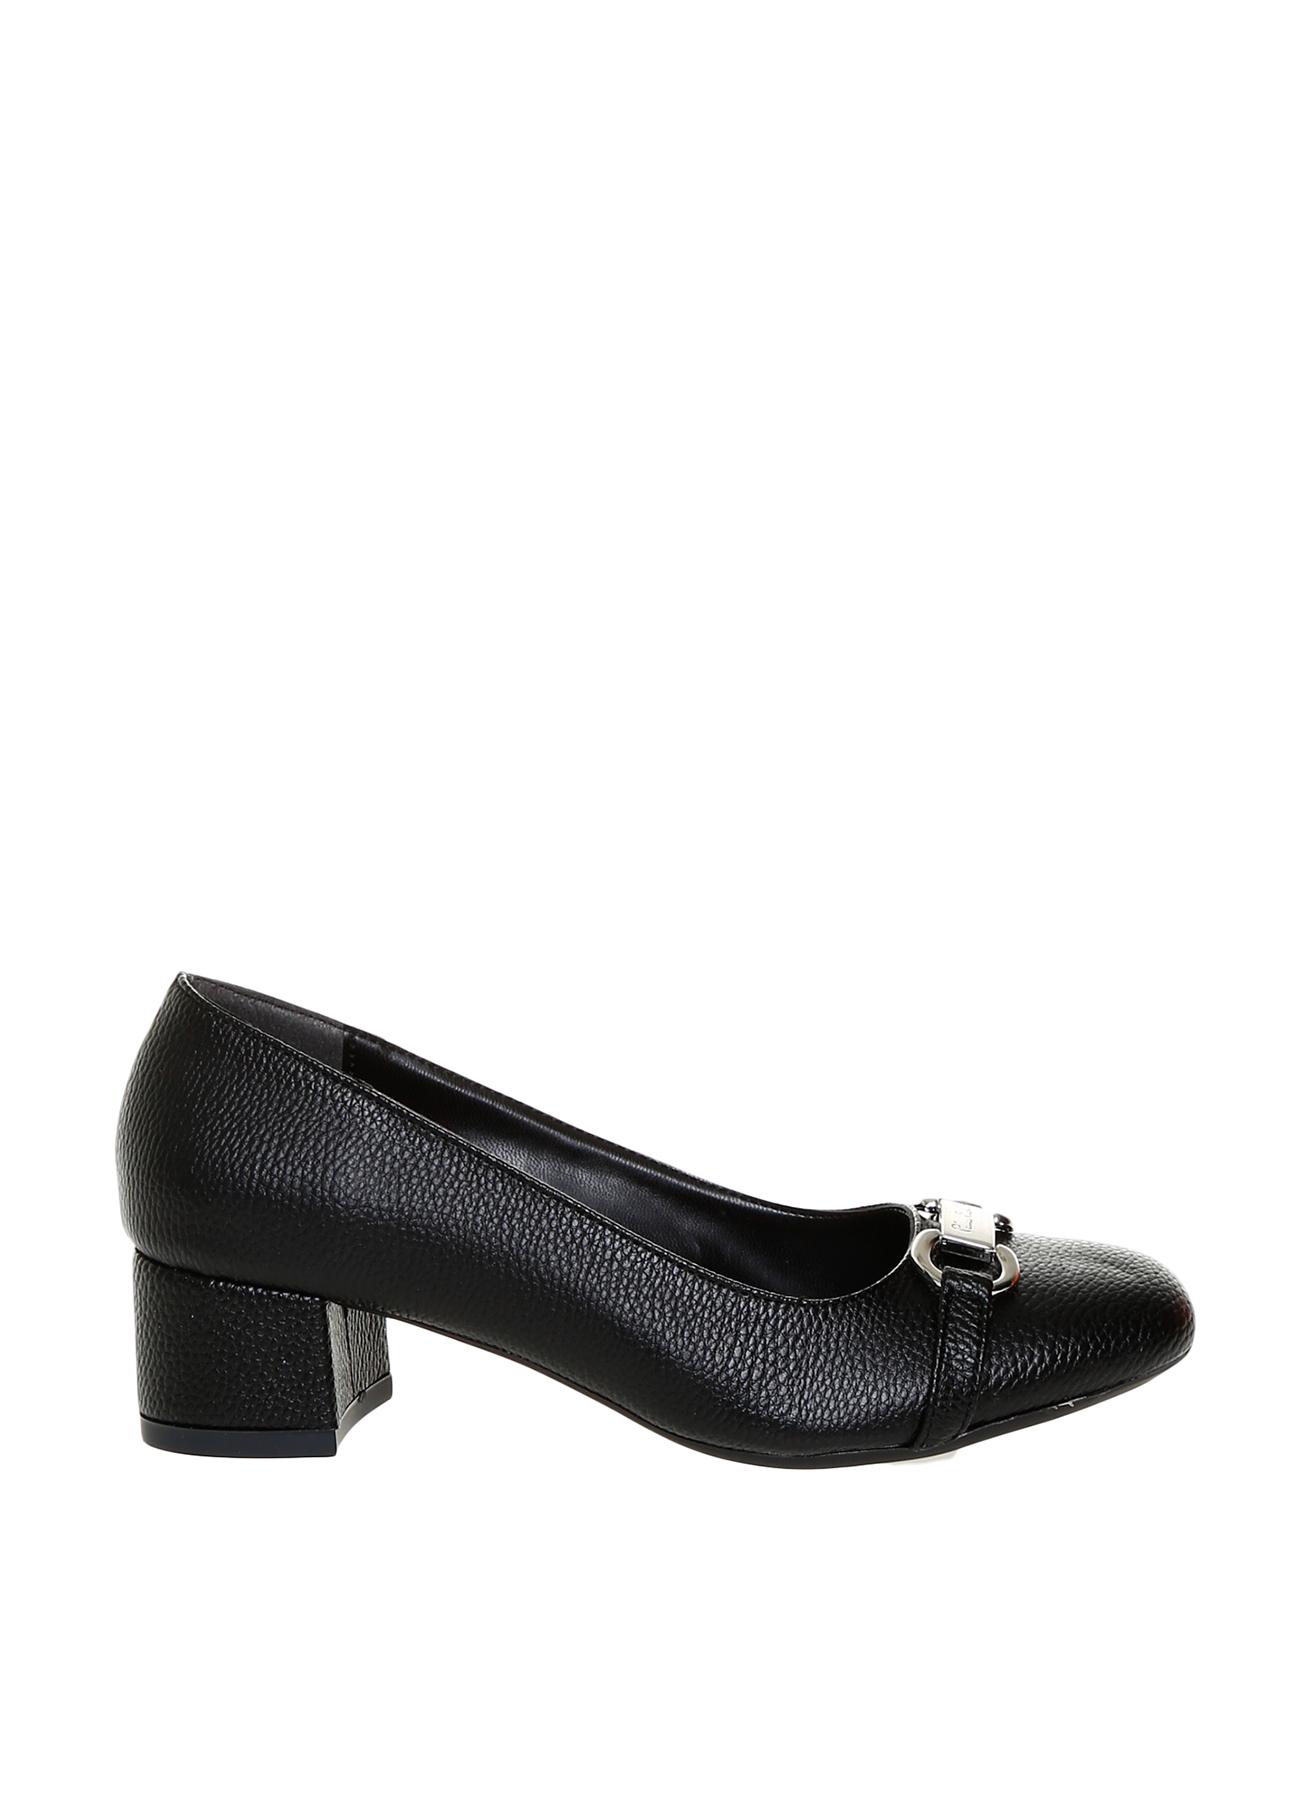 Pierre Cardin Düz Ayakkabı 37 5001704681002 Ürün Resmi